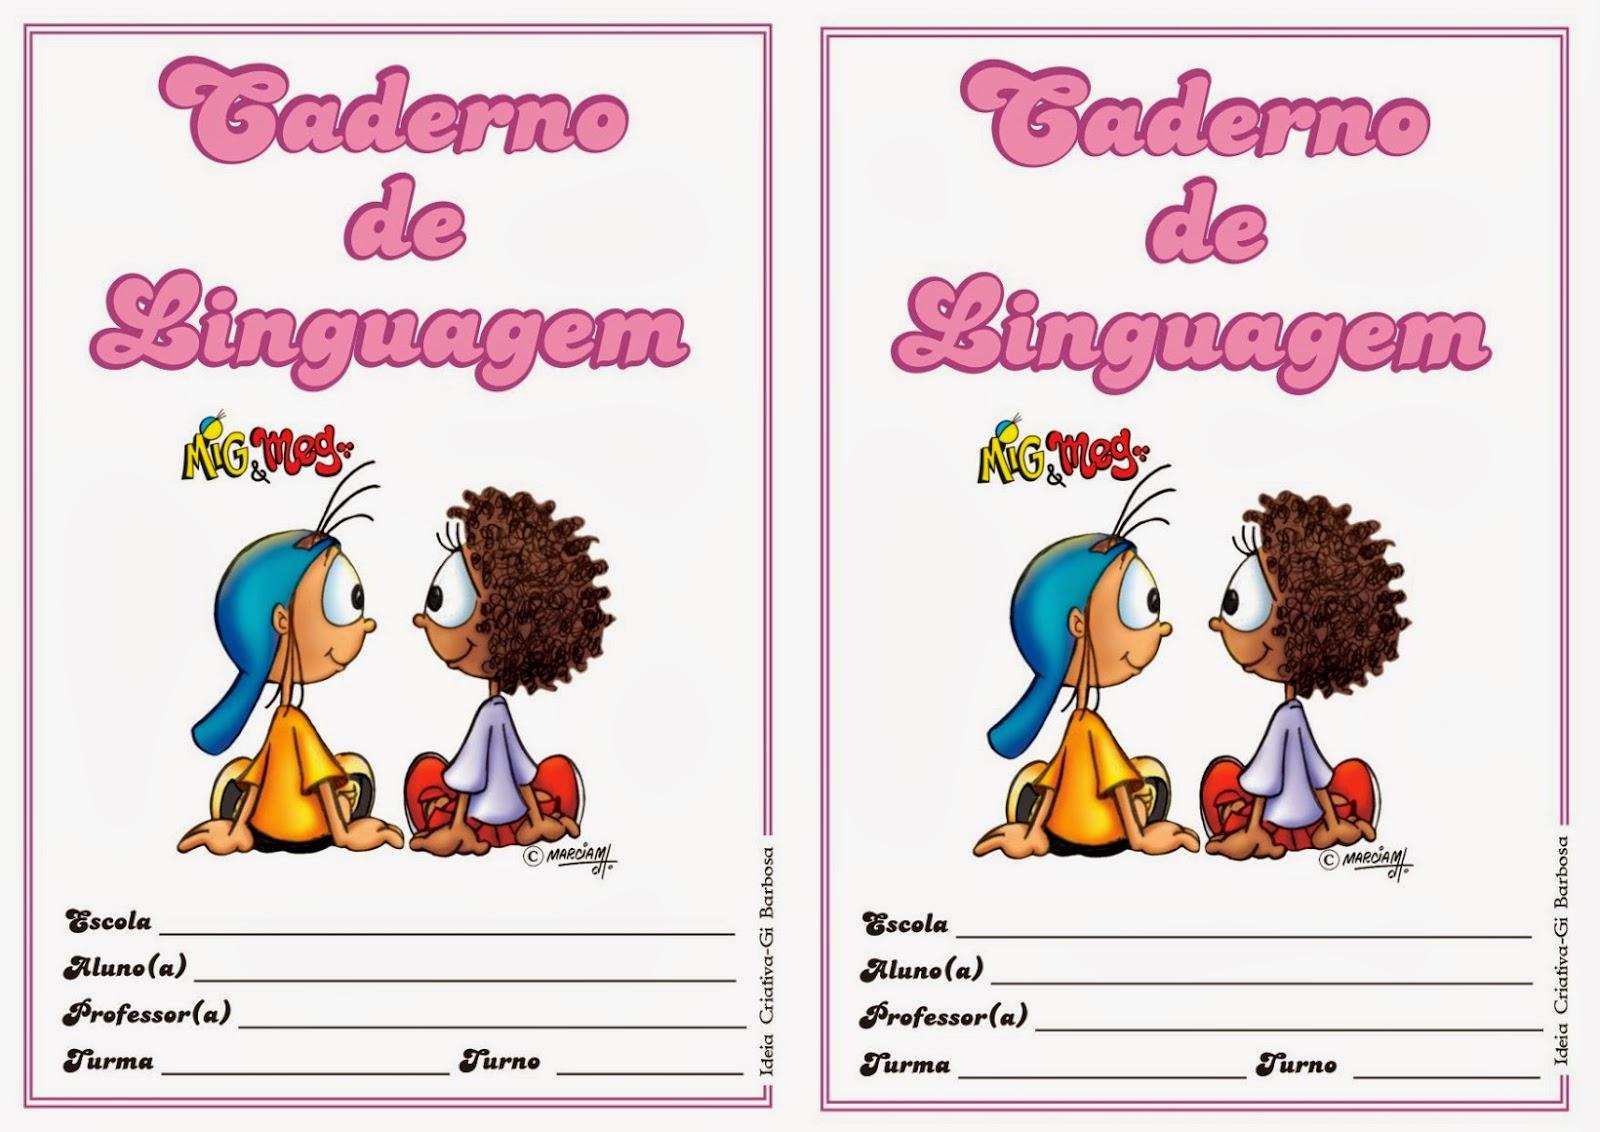 Capinhas De Cadernos Coloridas Infantis Para Imprimir